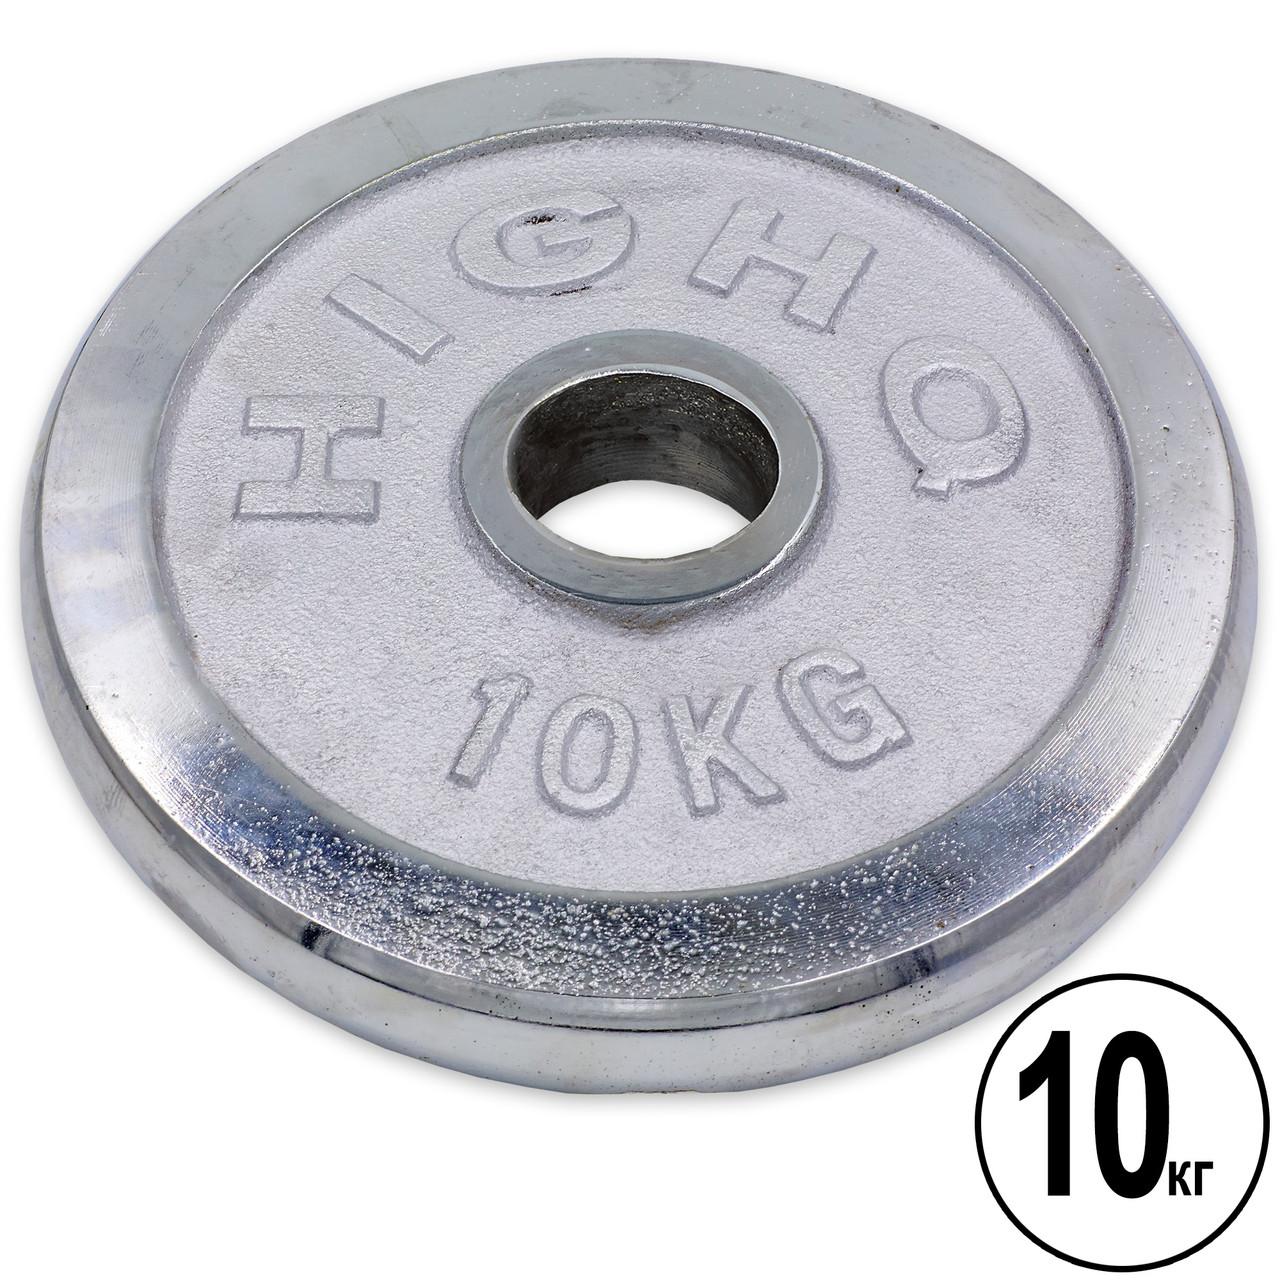 Блины (диски) хромированные d-52мм HIGHQ SPORT ТА-1456 10кг (металл хромированный)